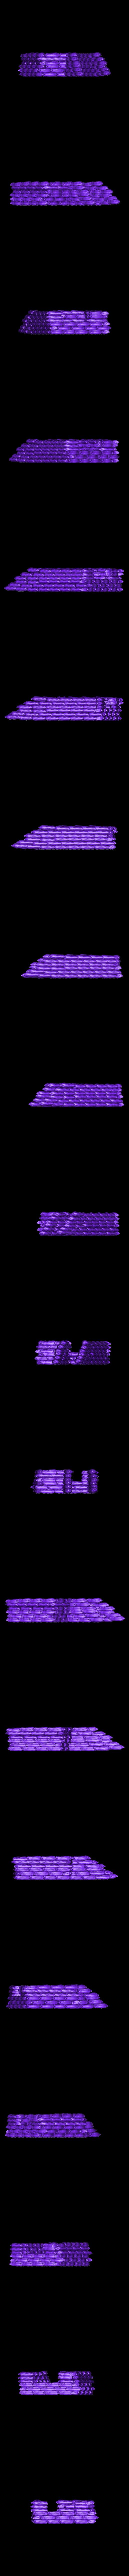 sac sable.stl Télécharger fichier STL gratuit SAC DE SABLE MILITAIRE A4 • Objet pour impression 3D, NICOCO3D